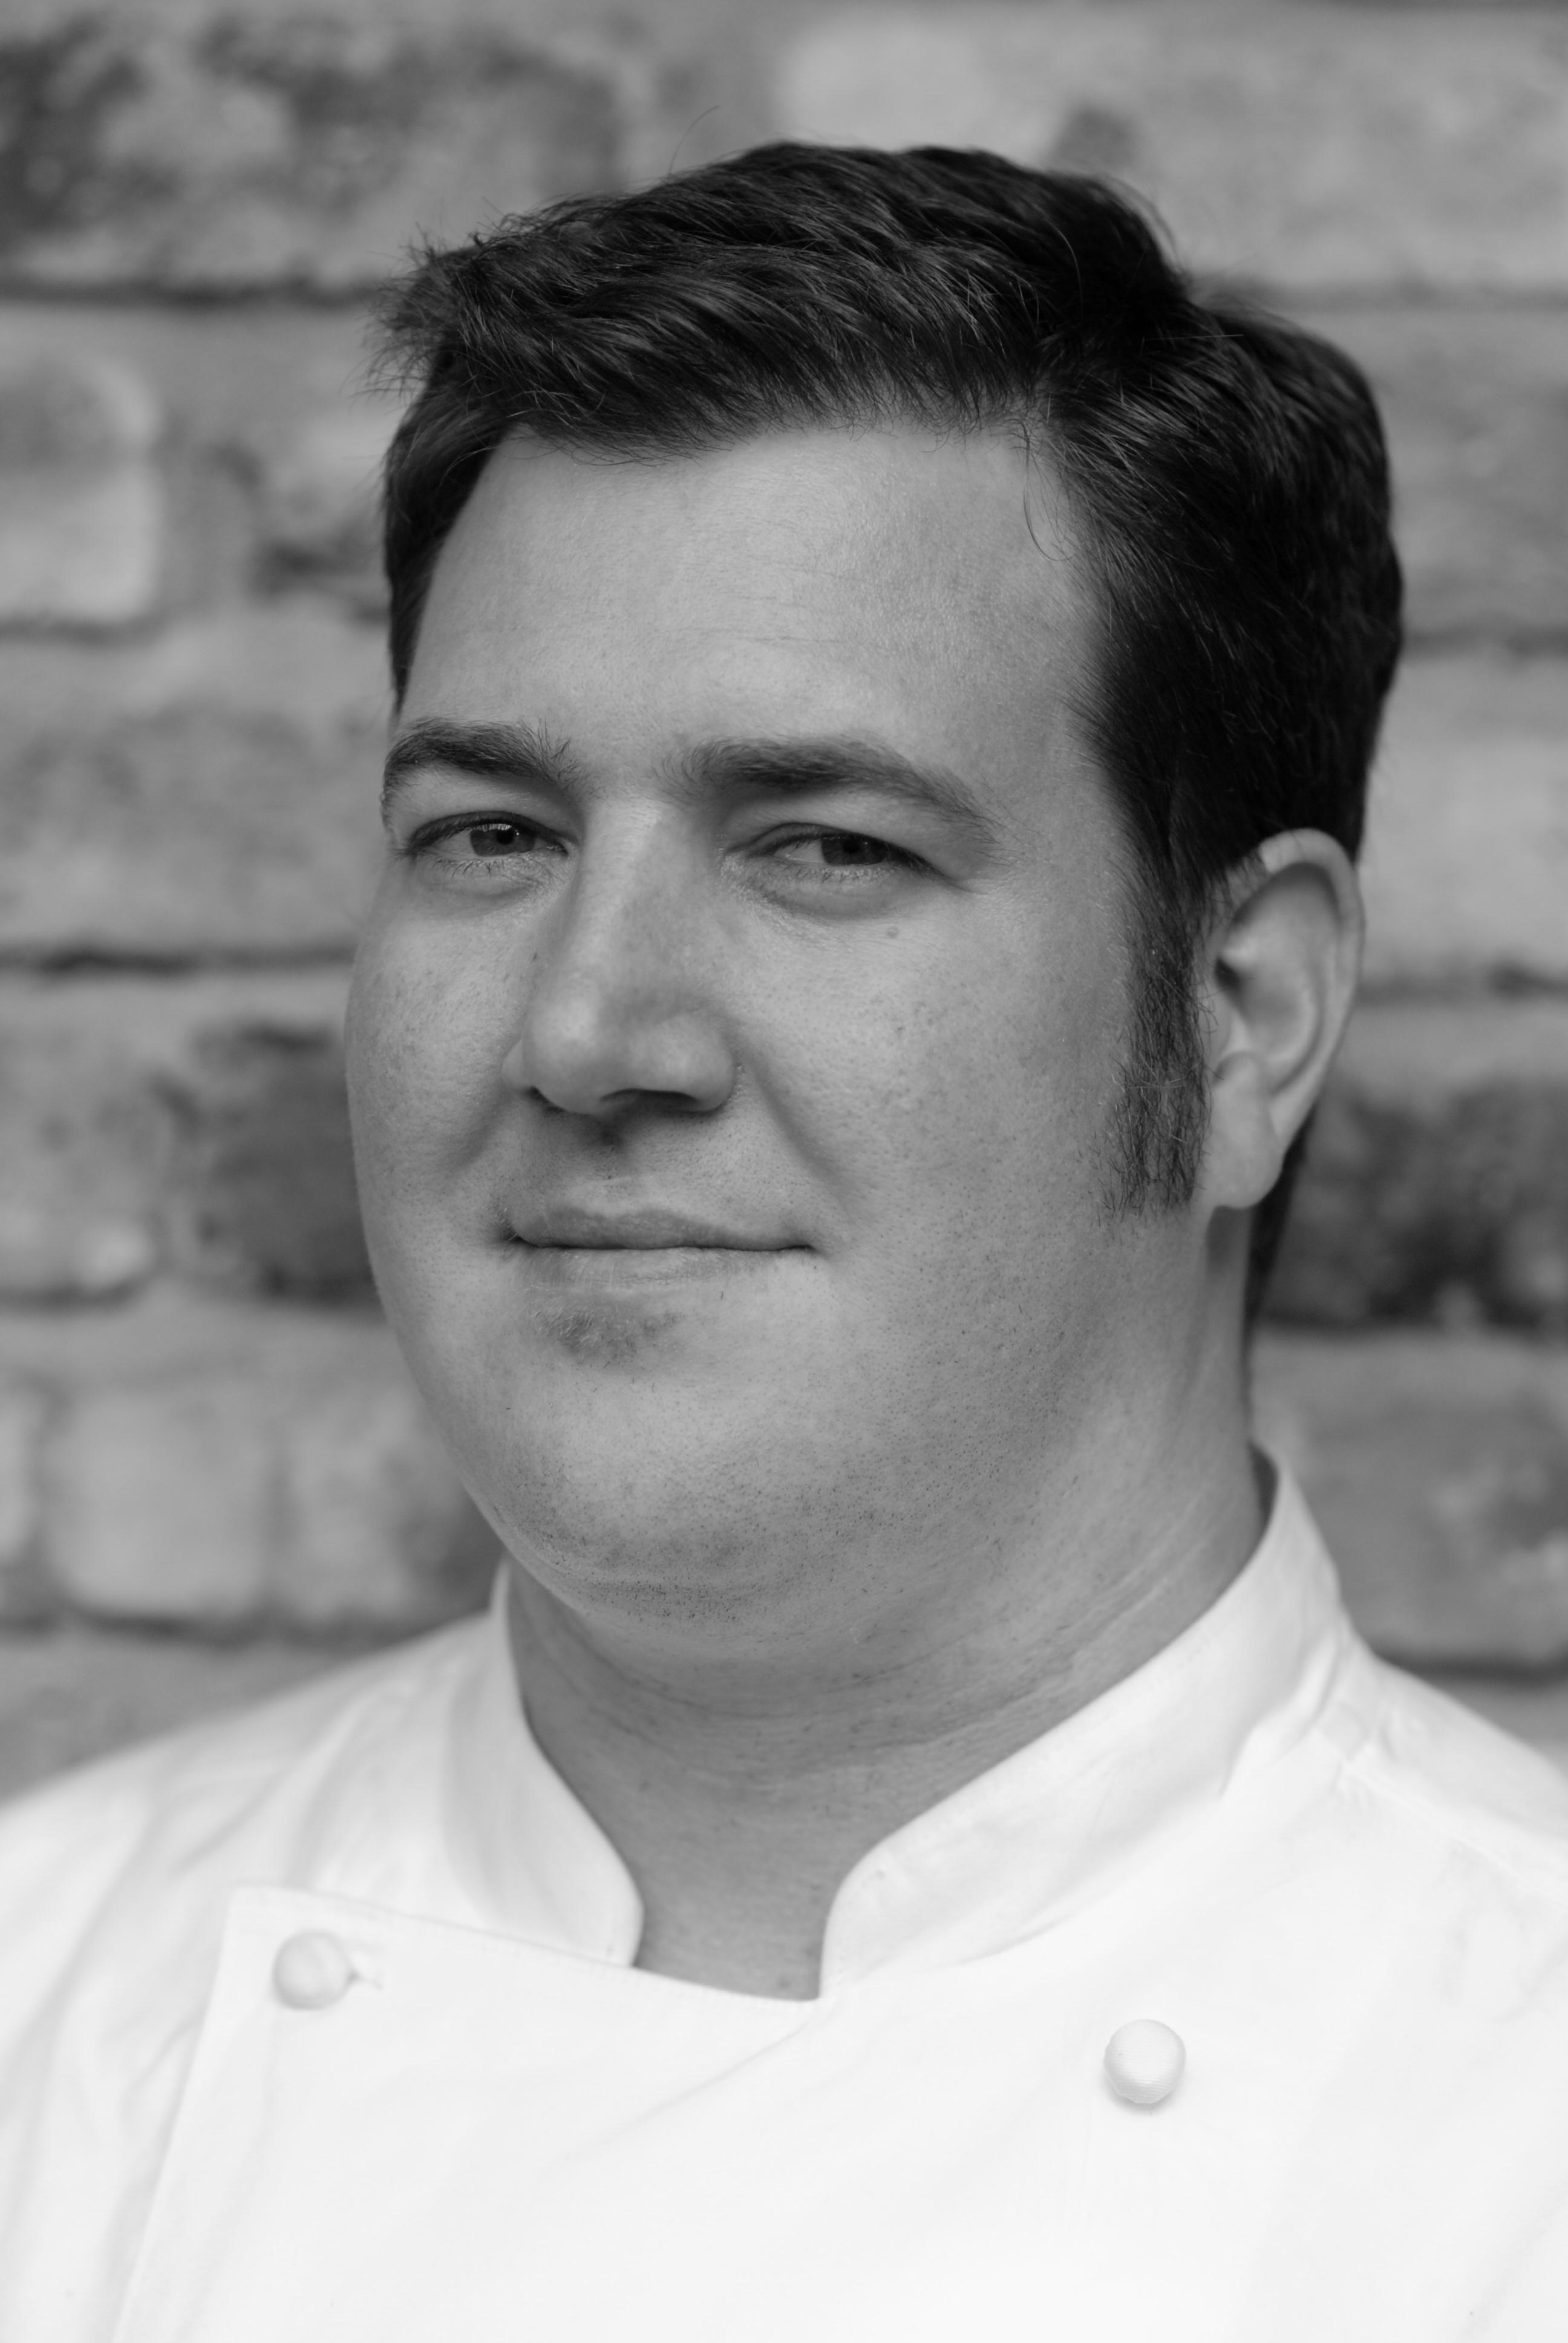 Ian tate named exec chef at both salum and komali